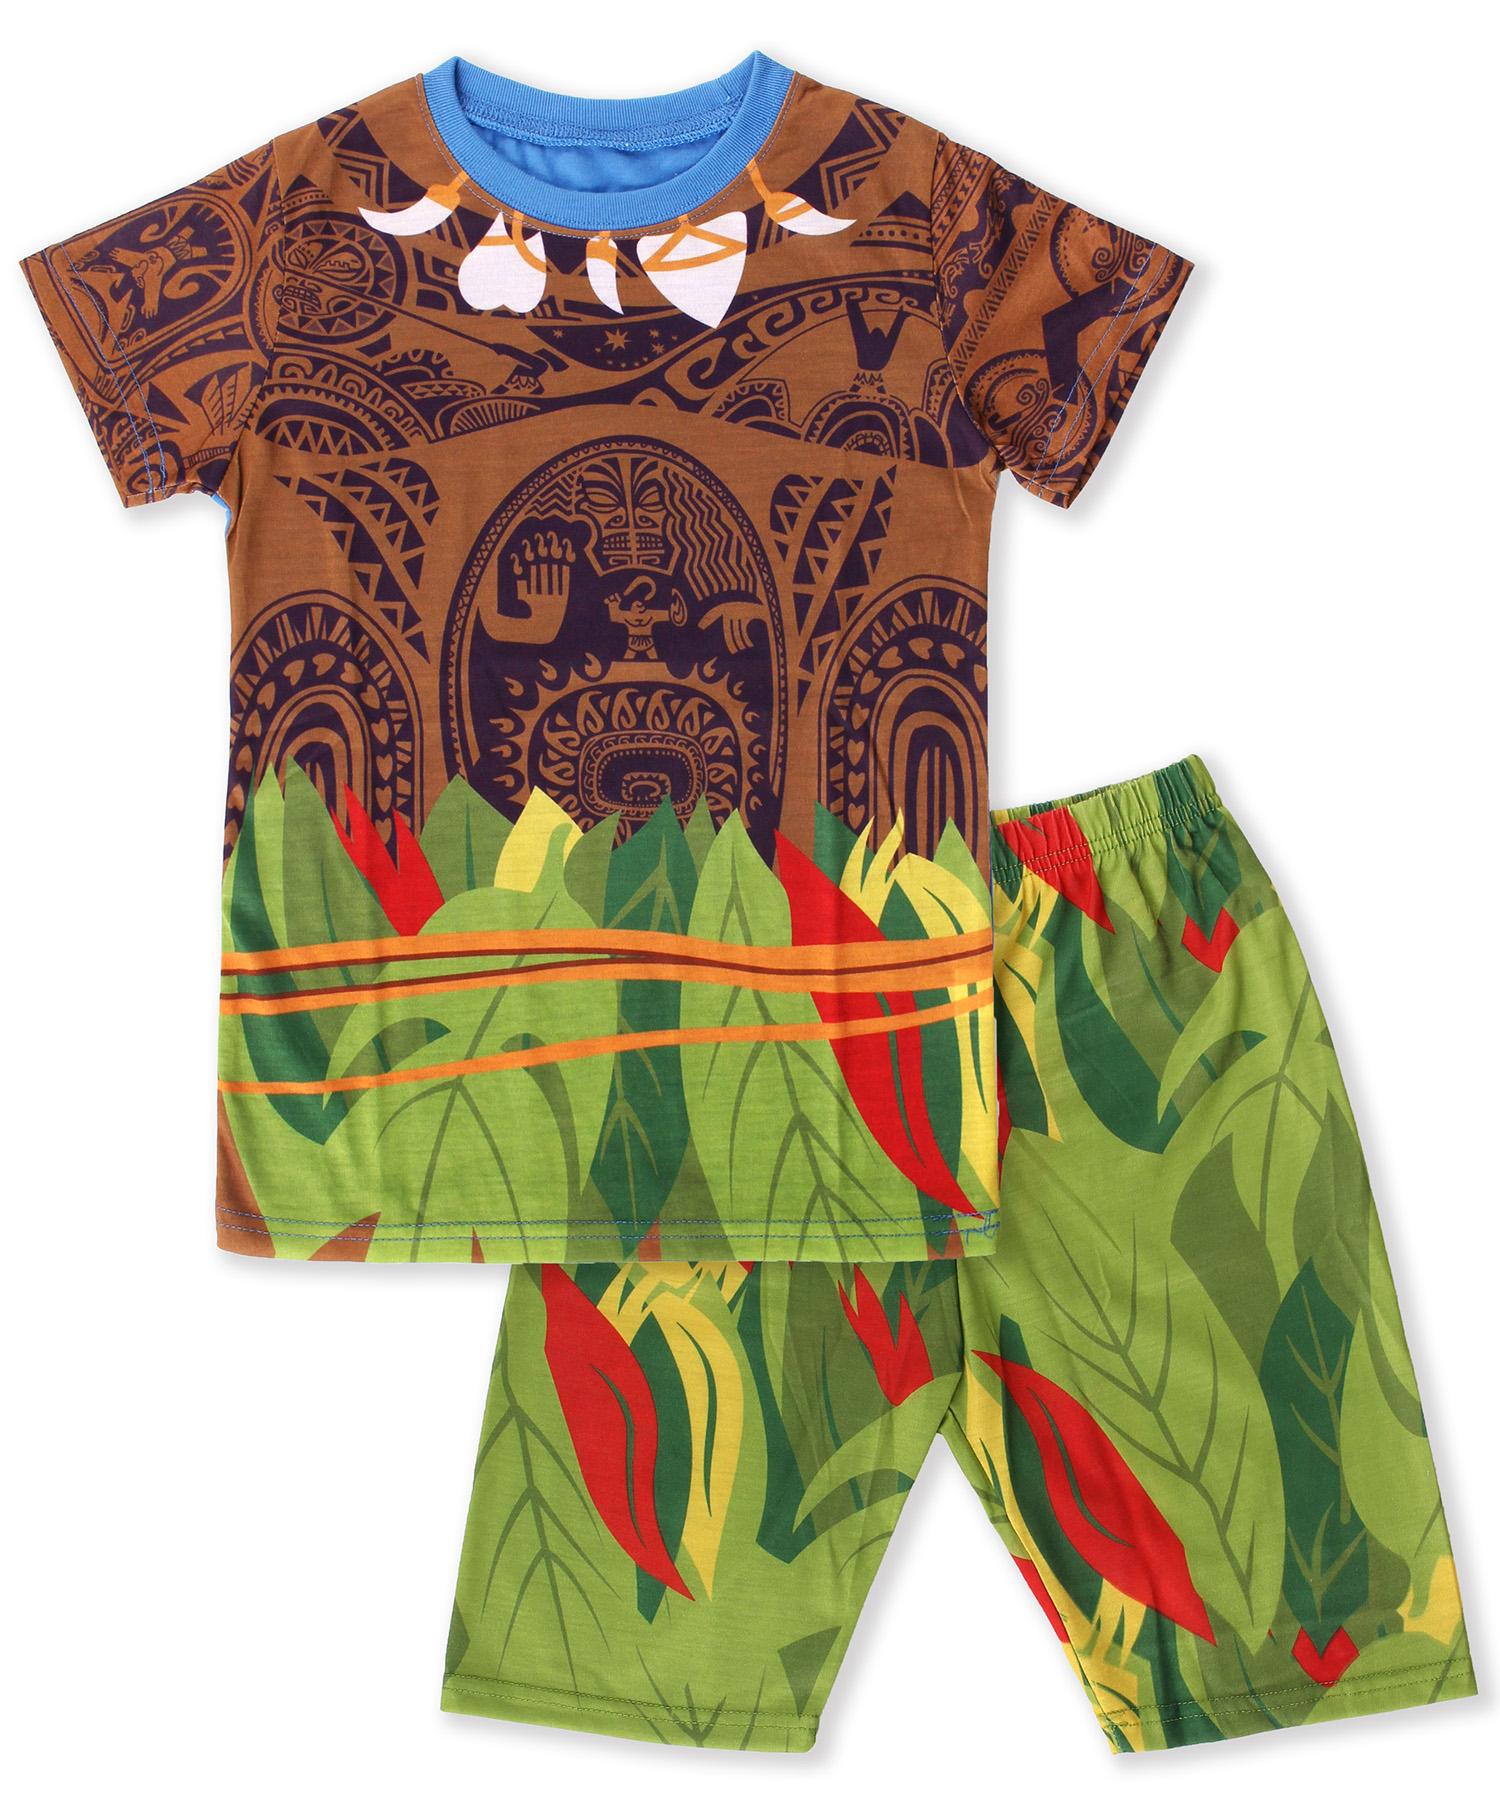 Girls Moana Costume Dress Set Ruffled 2-Piece Pajama Set Sleepwear Dress Pants